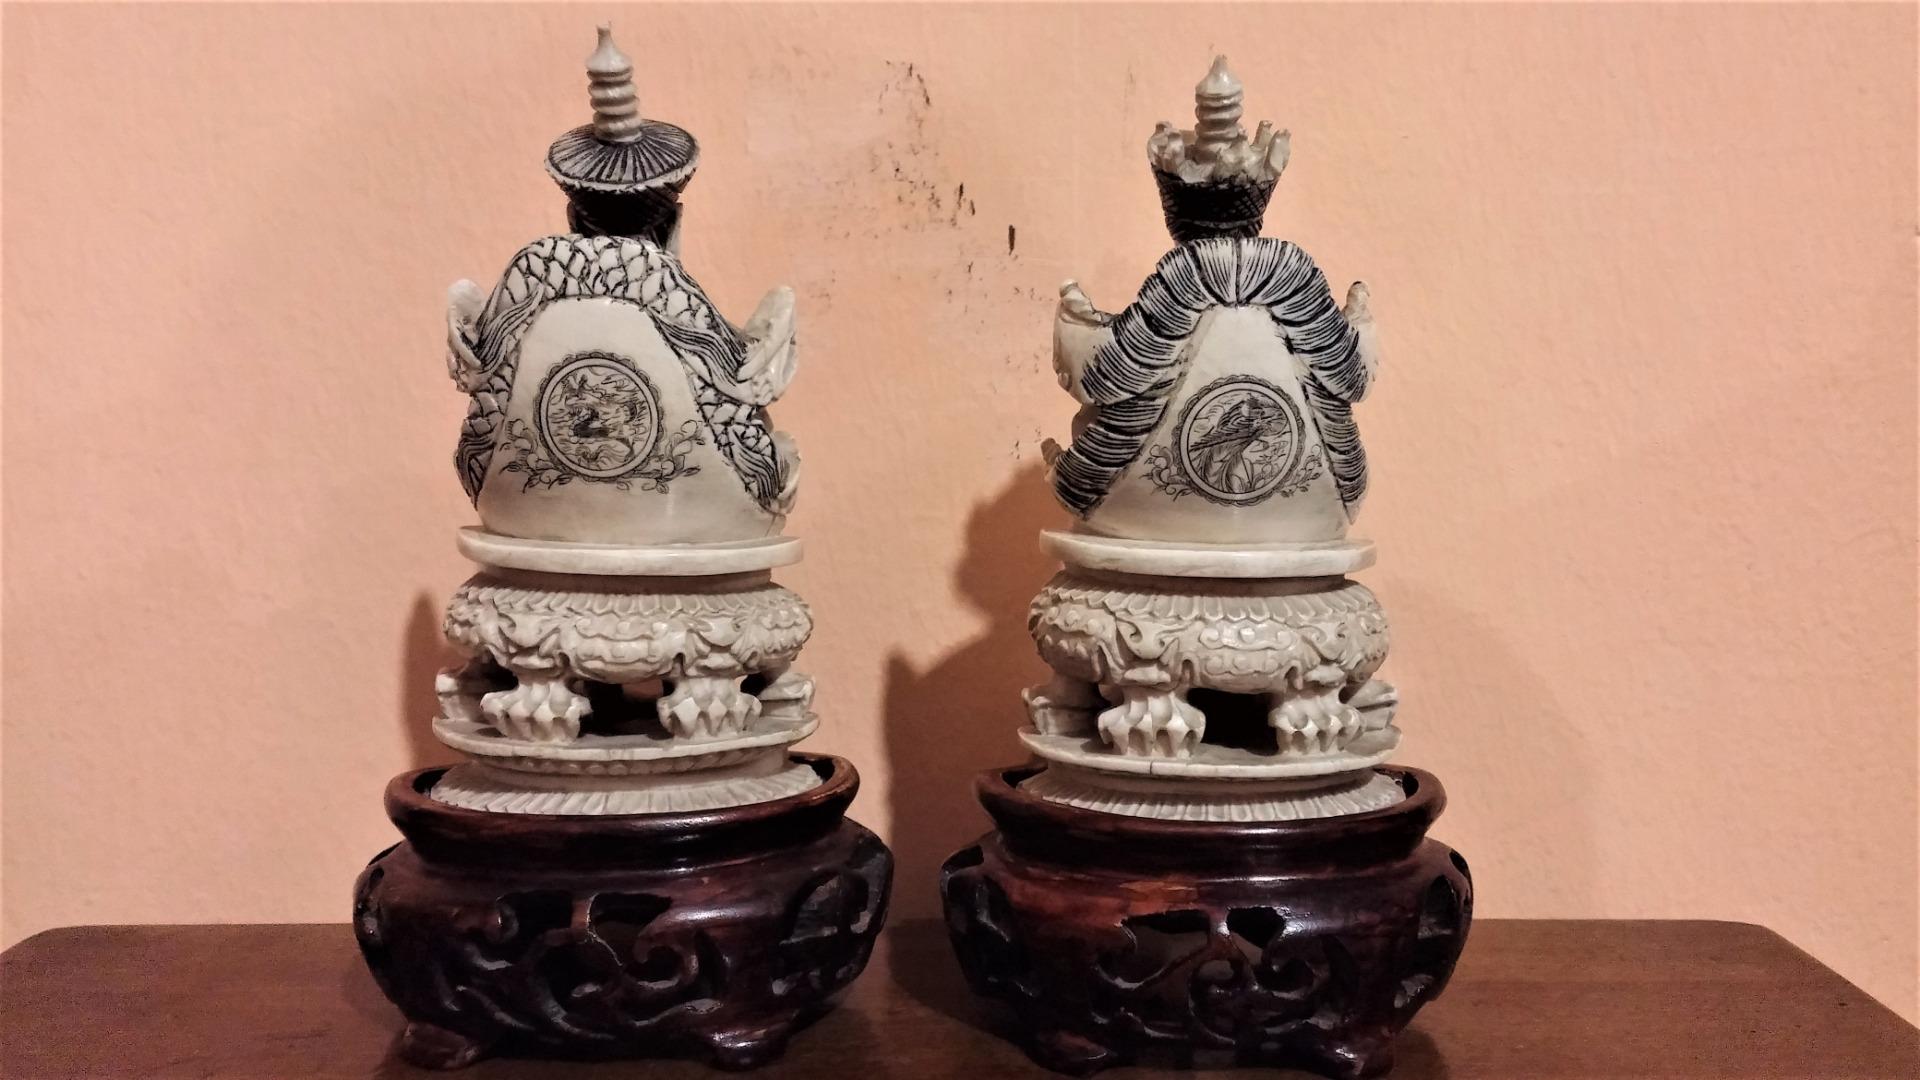 thumb2|Coppia di sculture in avorio, imperatore e imperatrice, fine '800